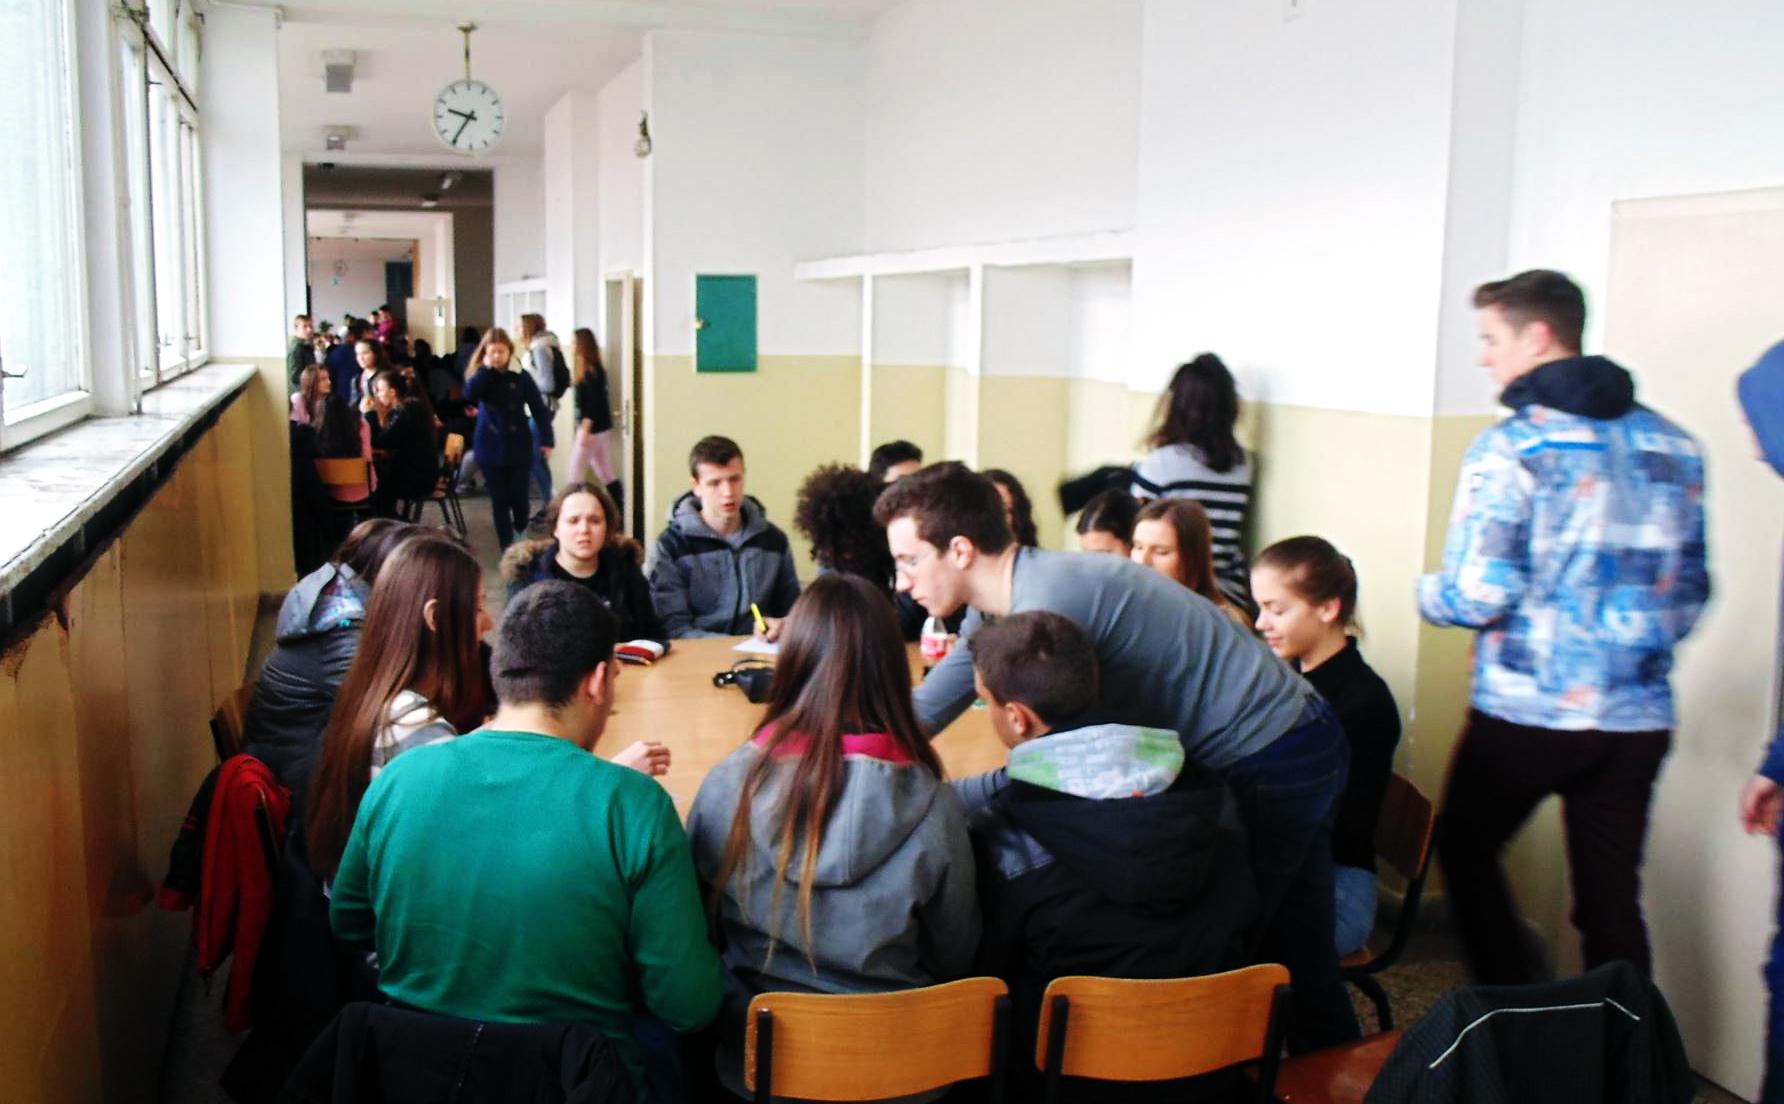 Трет ден бојкот во училиштата: Средношколците од две скопски гимназии избркани од училишниот двор